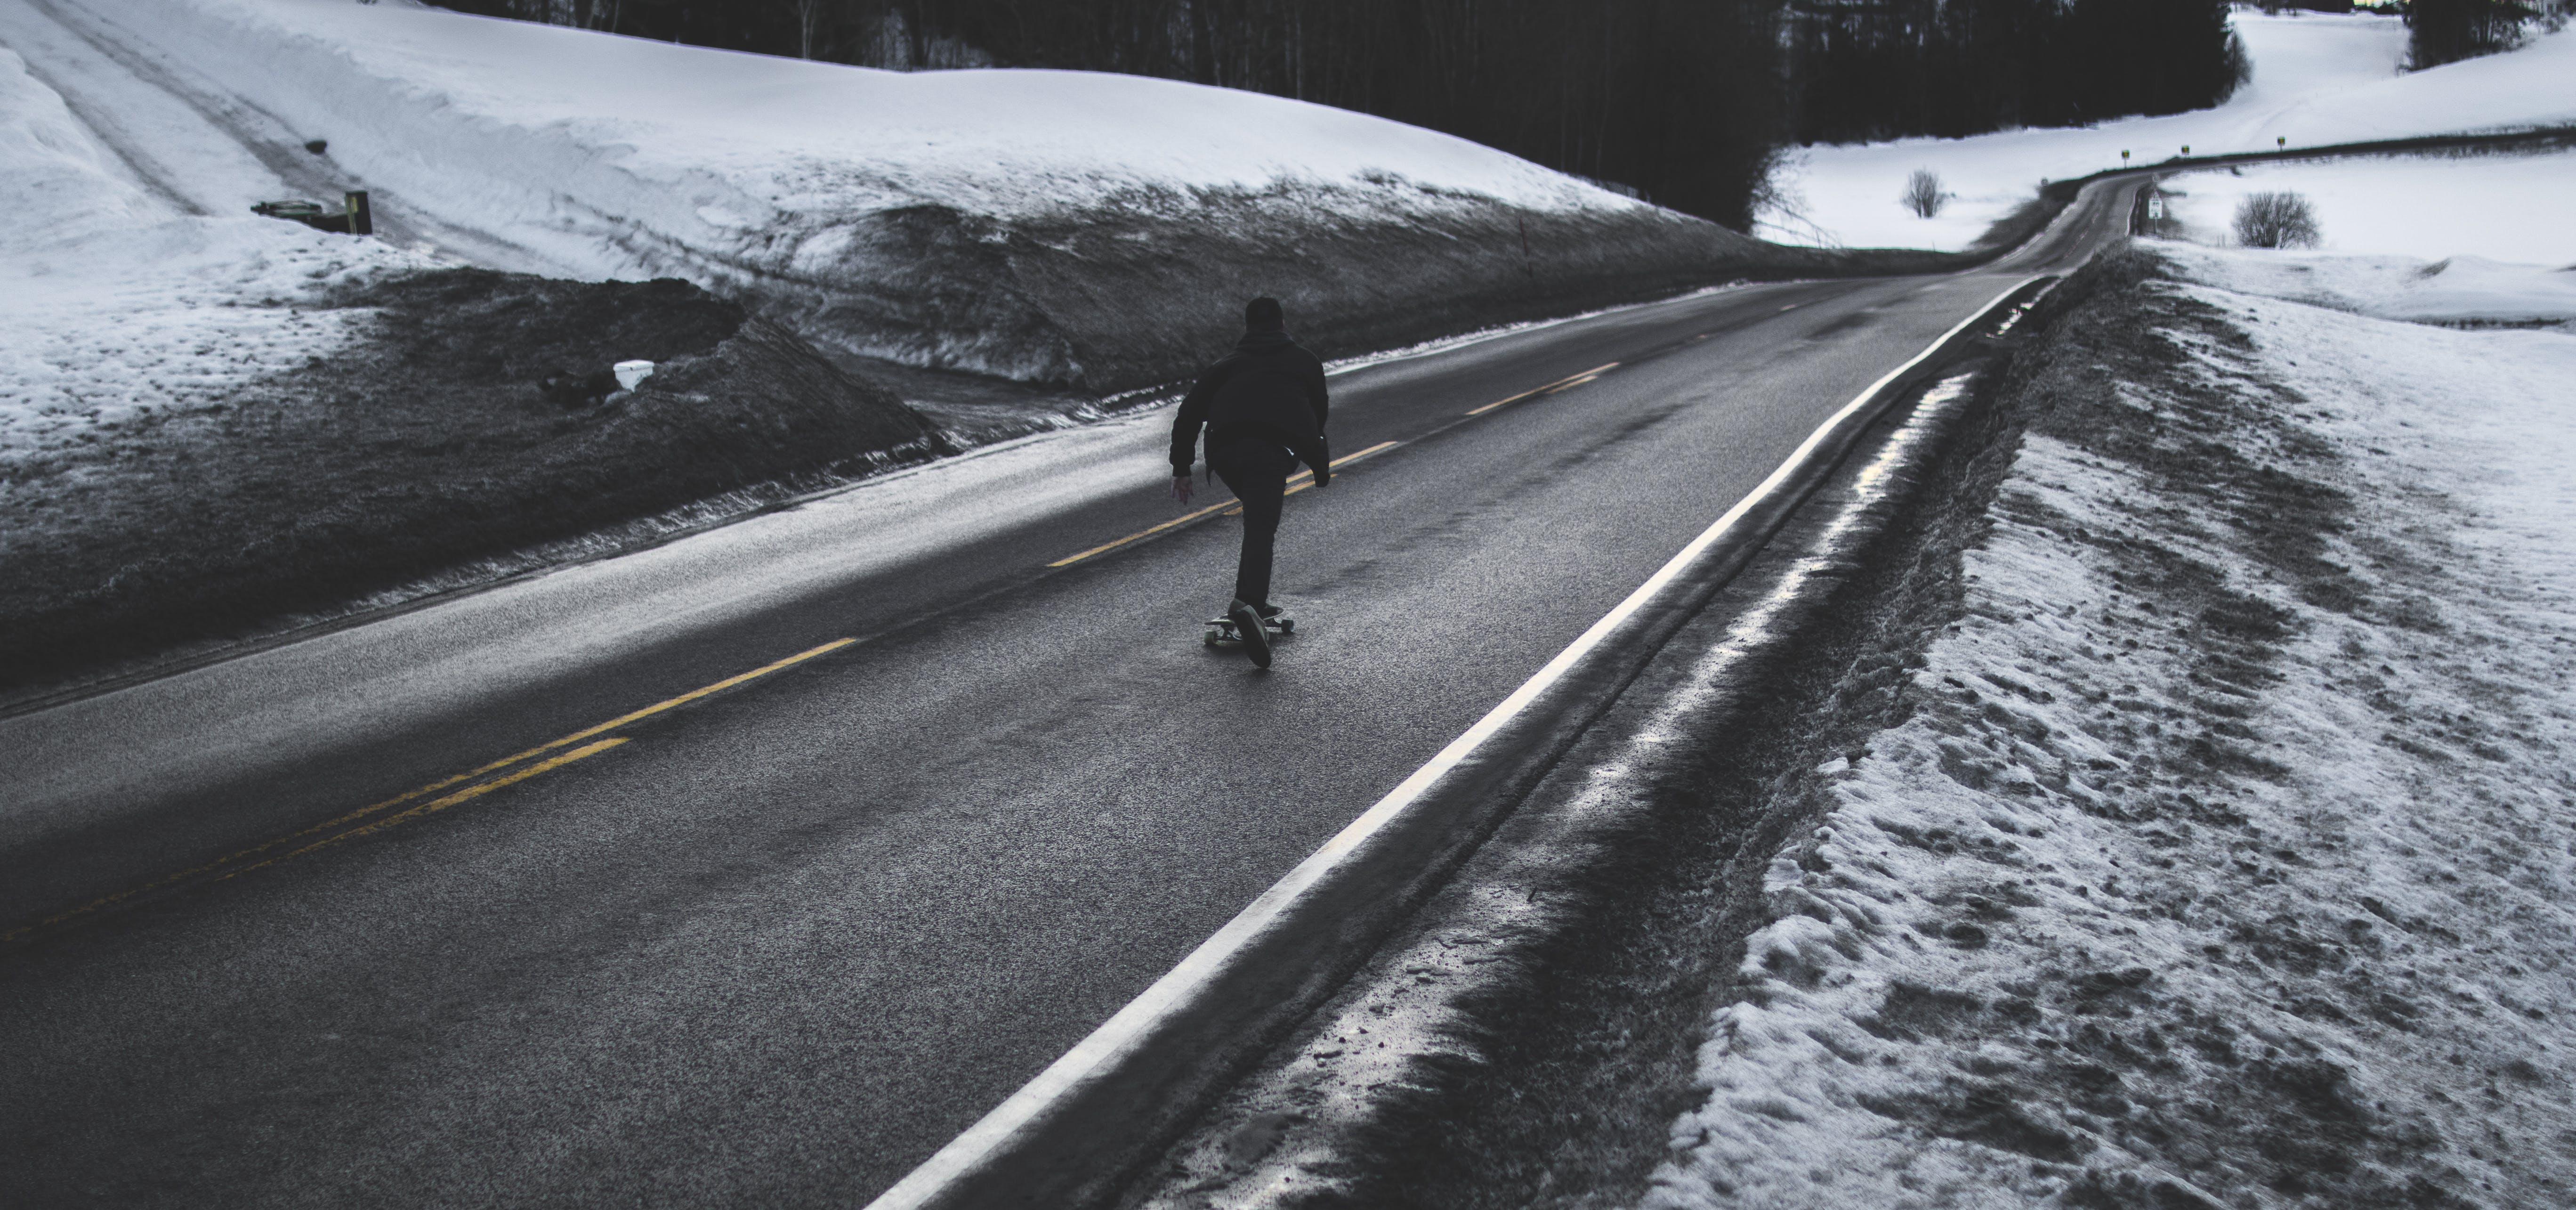 Δωρεάν στοκ φωτογραφιών με skateboard, skateboarder, άνδρας, άνθρωπος